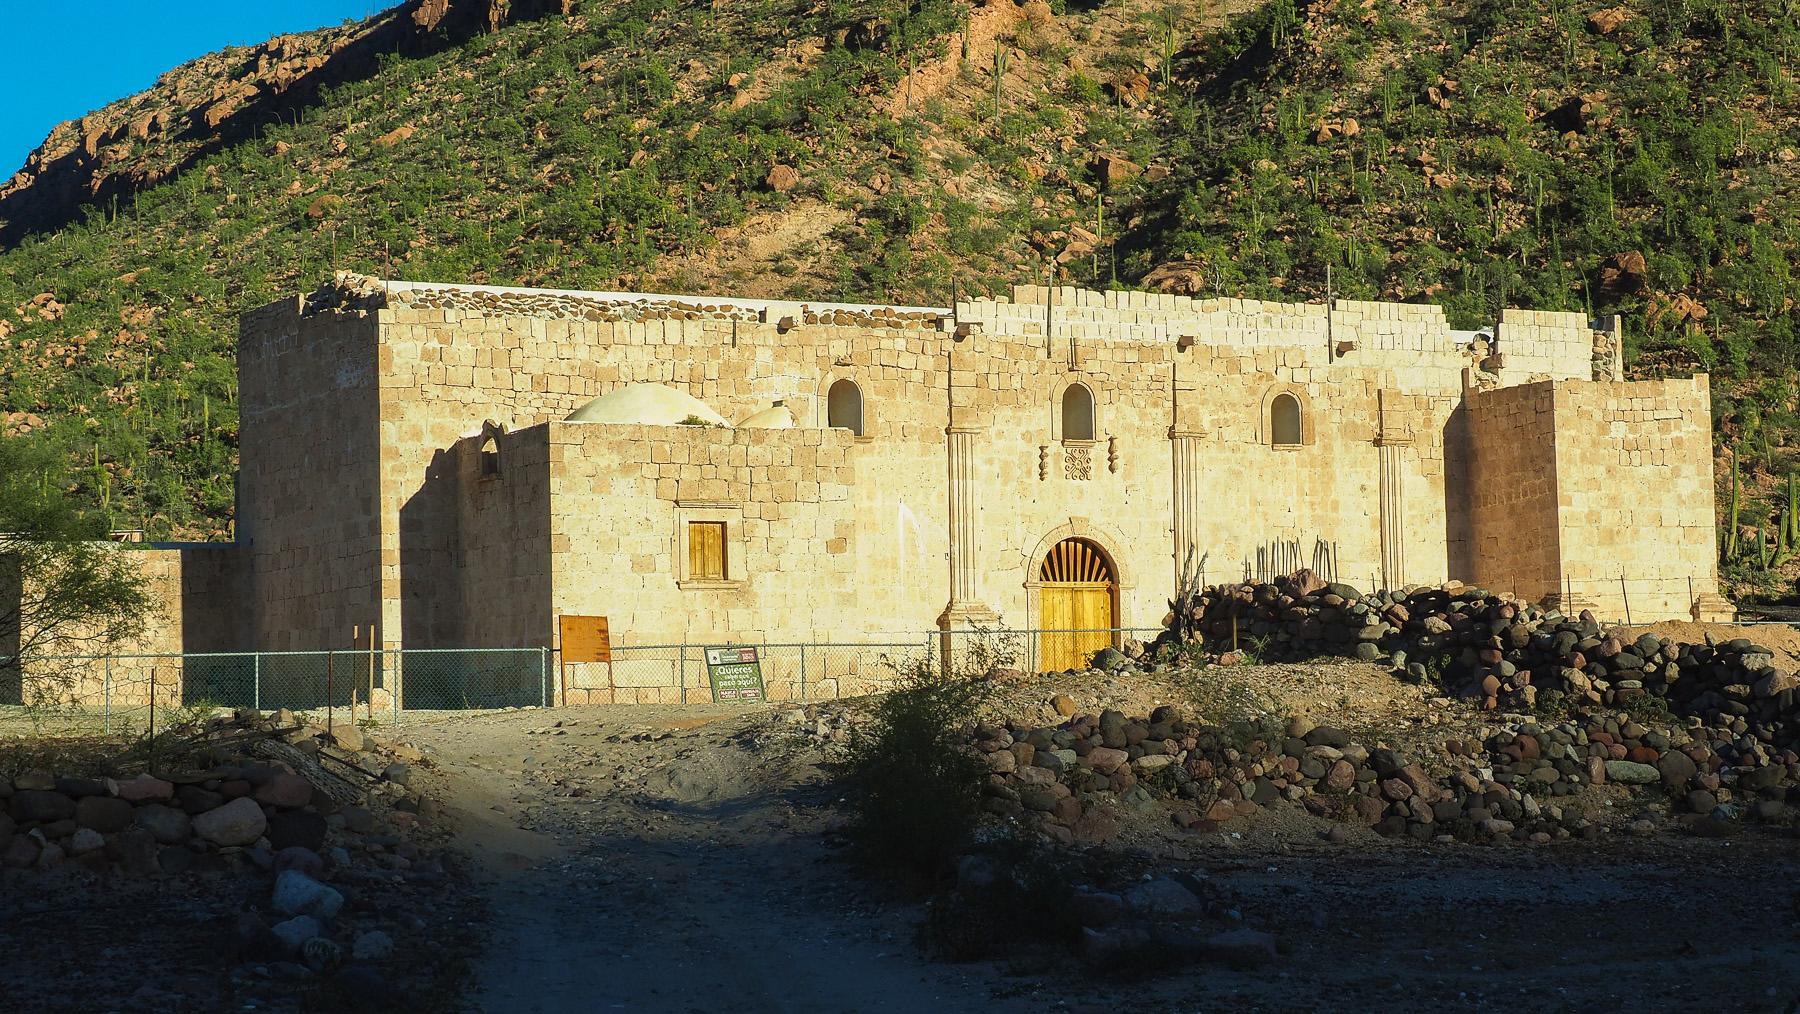 Mission von San Borja